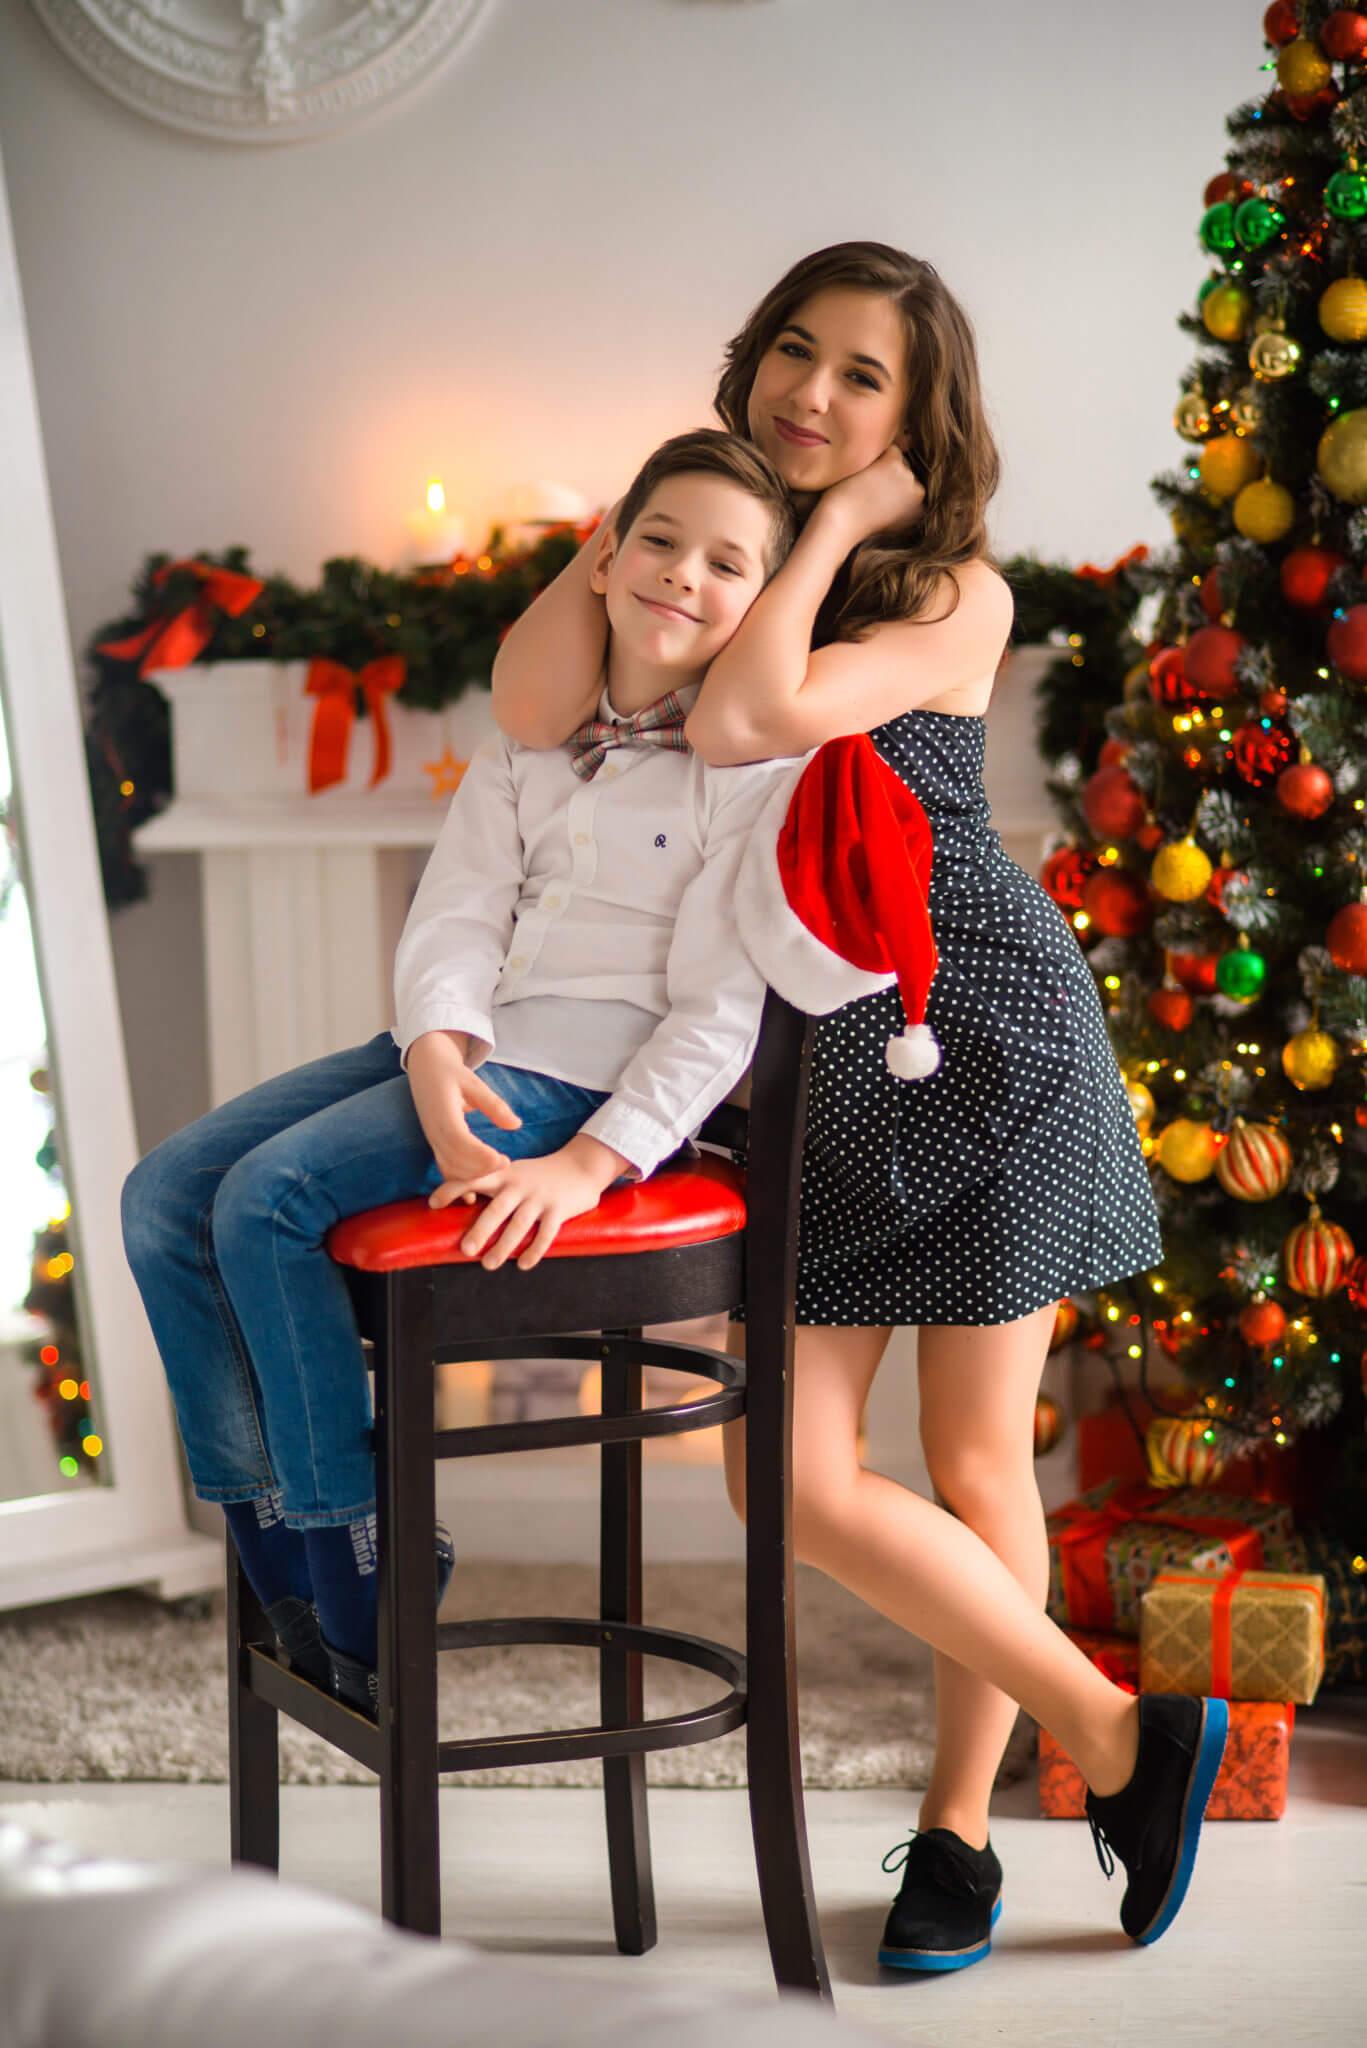 Новогодняя фотосессия, мать и сын, ребенок сидит на высоком стуле, на фоне новогодней елки